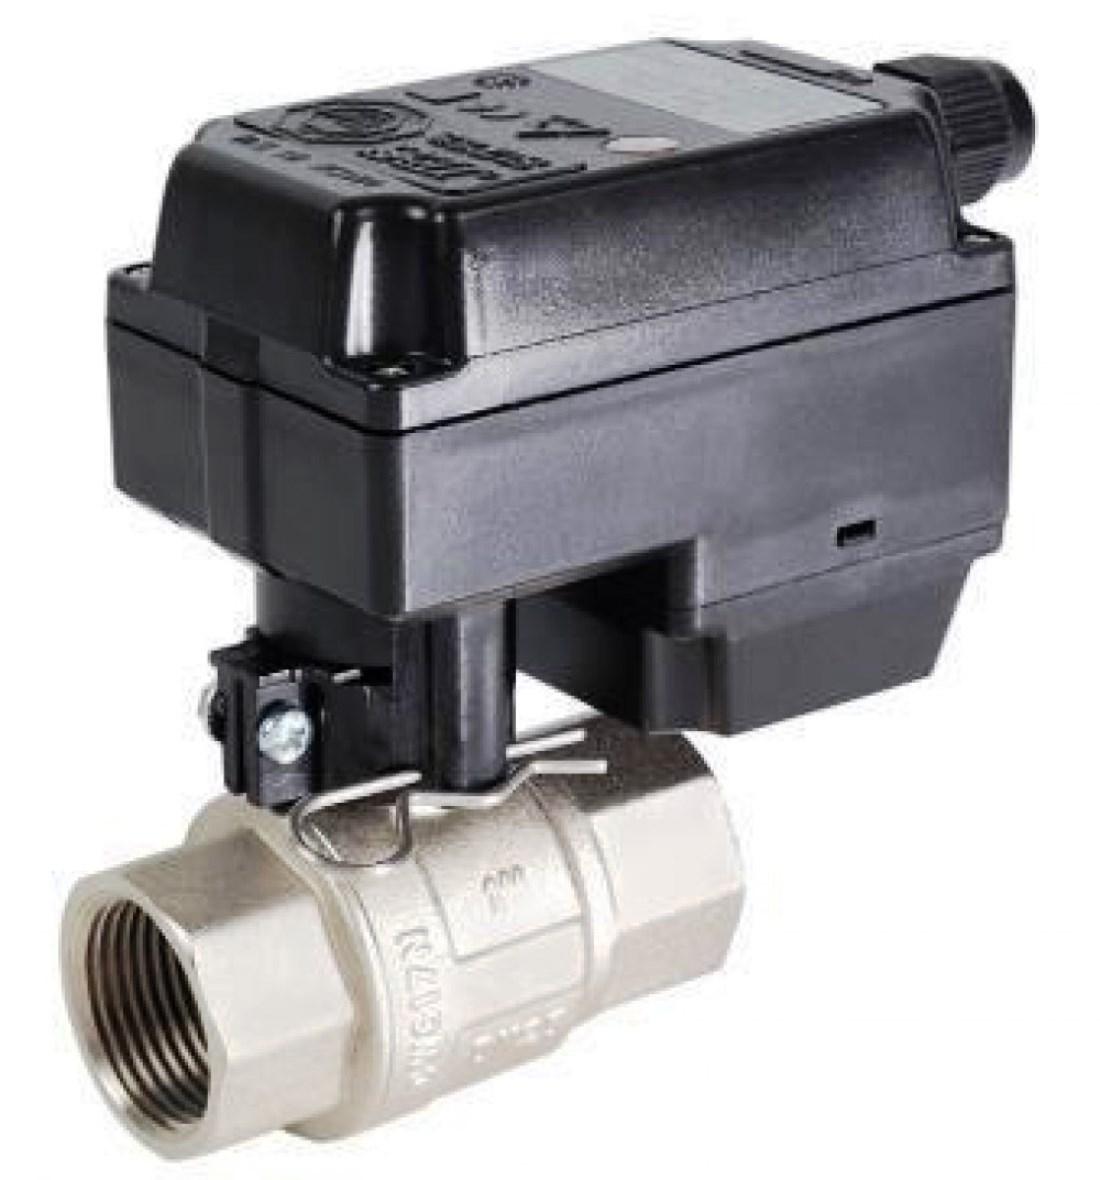 Двухходовые клапаны и краны с электроприводами Используются в качестве запорных (открыть/закрыть) и регулирующих устройств в системах водоснабжения, защиты от протечек, отопления, вентиляции и других.